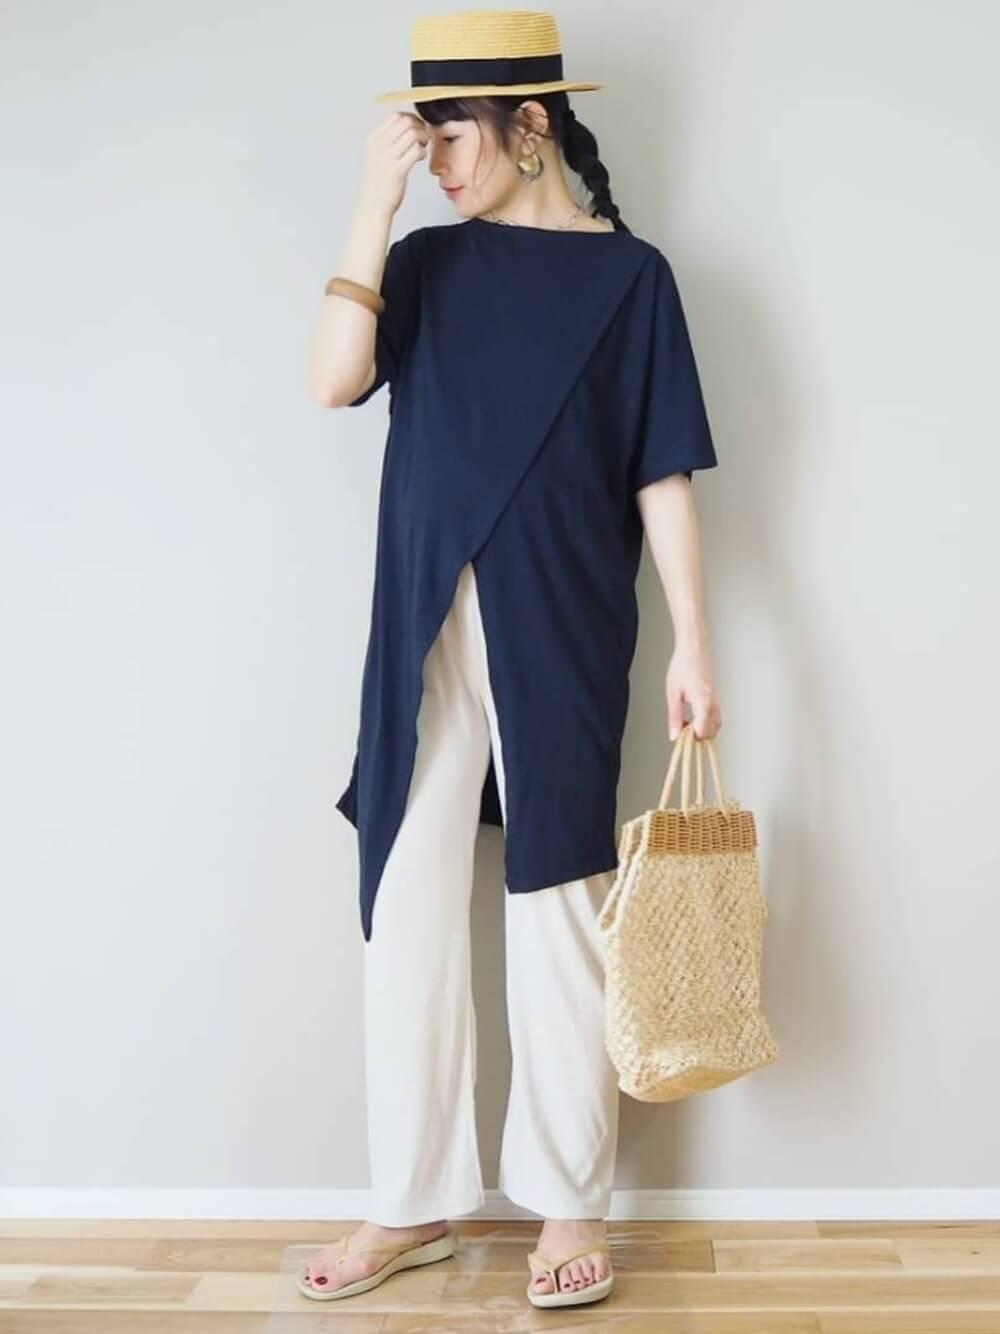 カンカン帽×アシメデザインのTシャツ×白のリブパンツ×ベージュのビーチサンダル